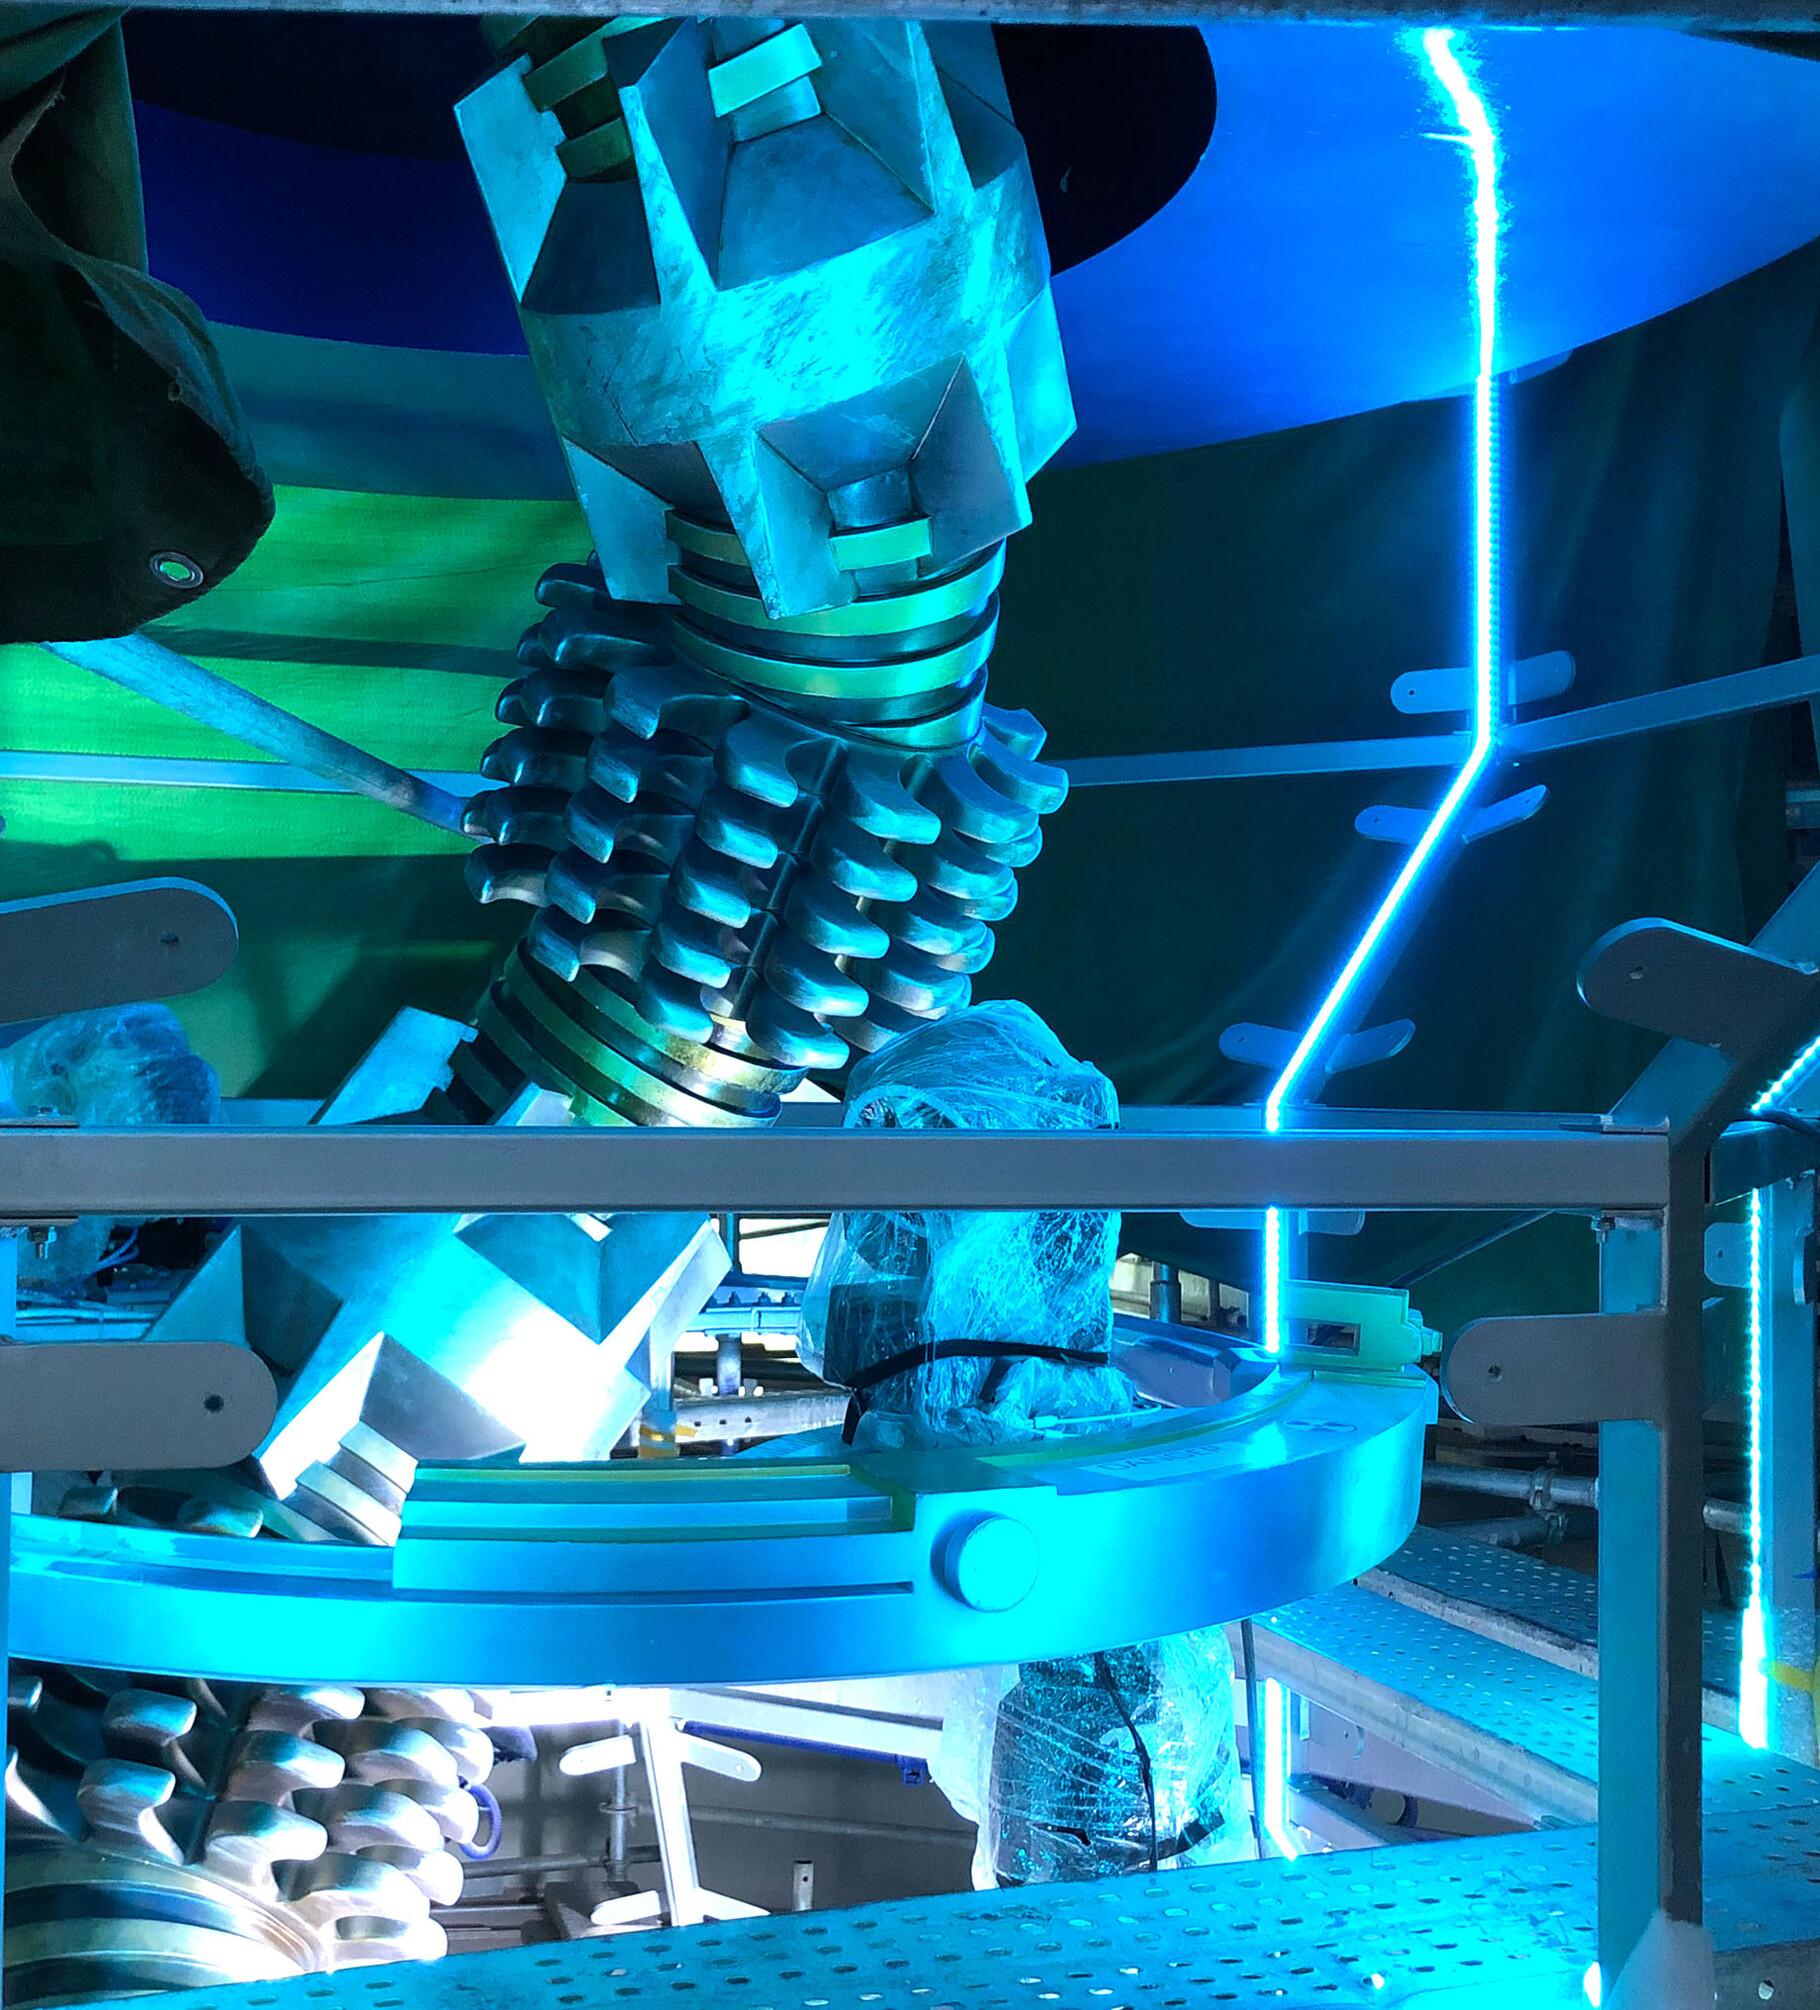 universal-studios-beijing-84342000.jpeg